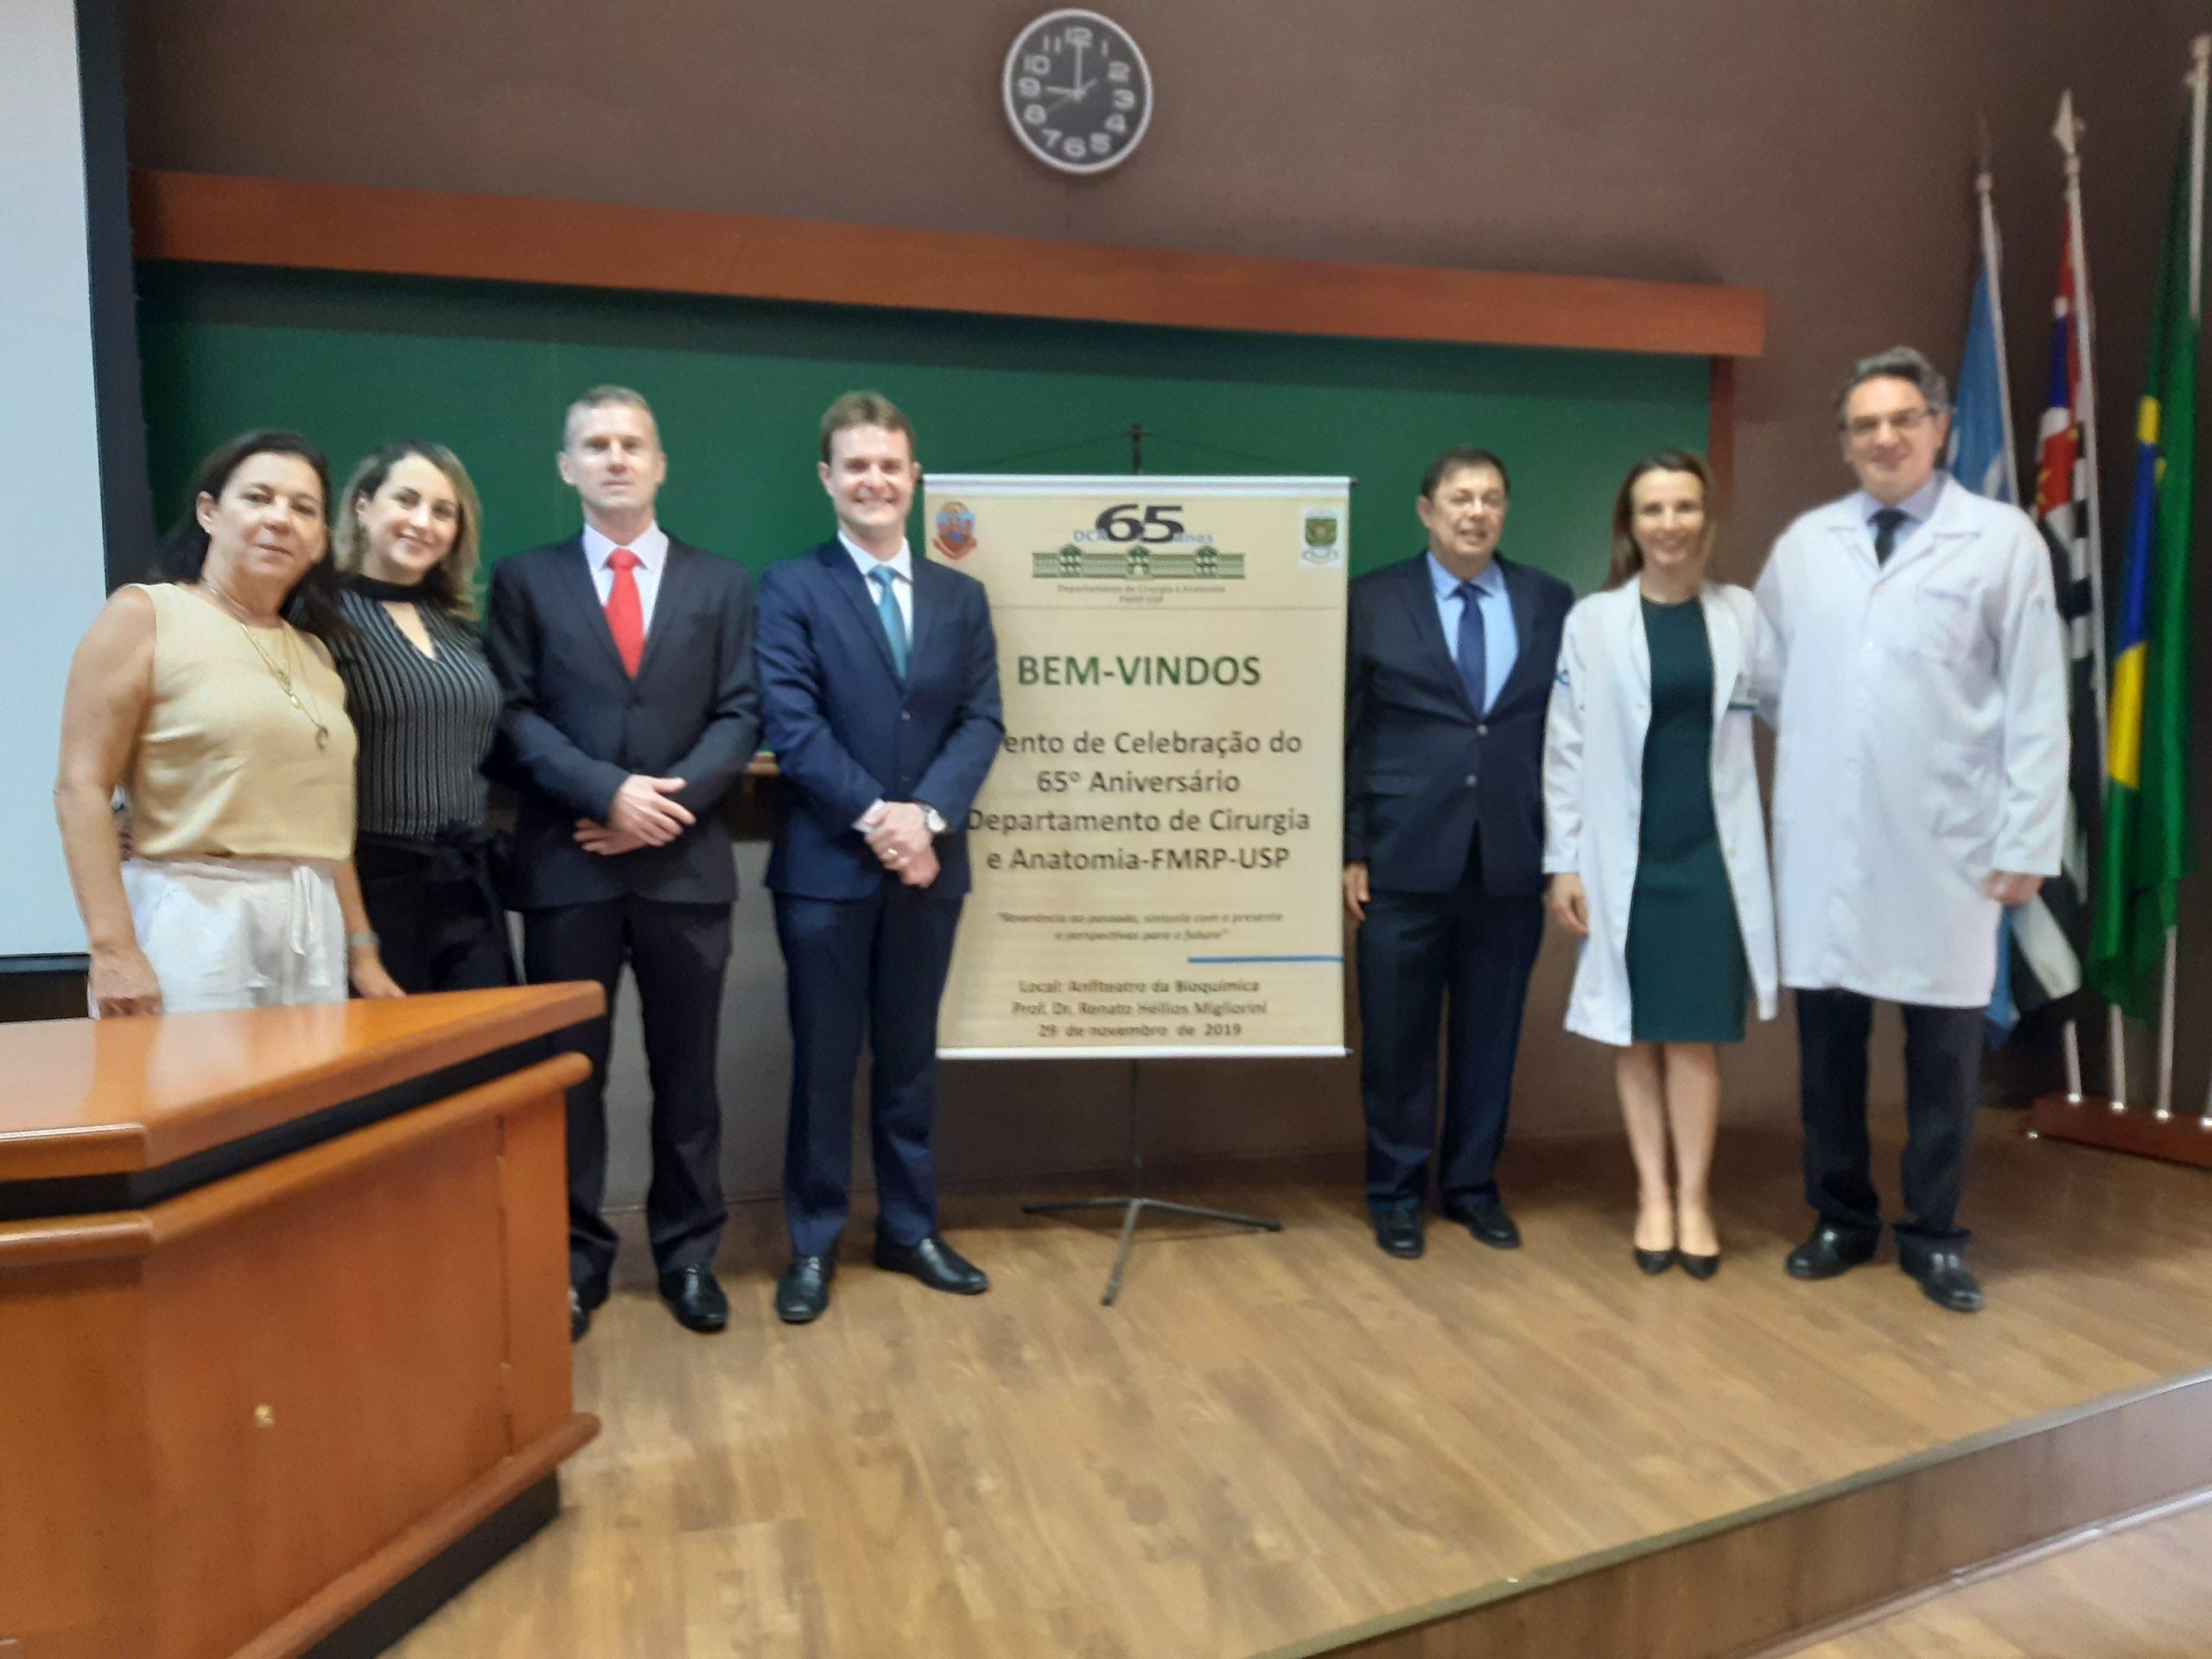 2019.11.29 - 65 anos do Departamento de Cirurgia e Anatomia (1)